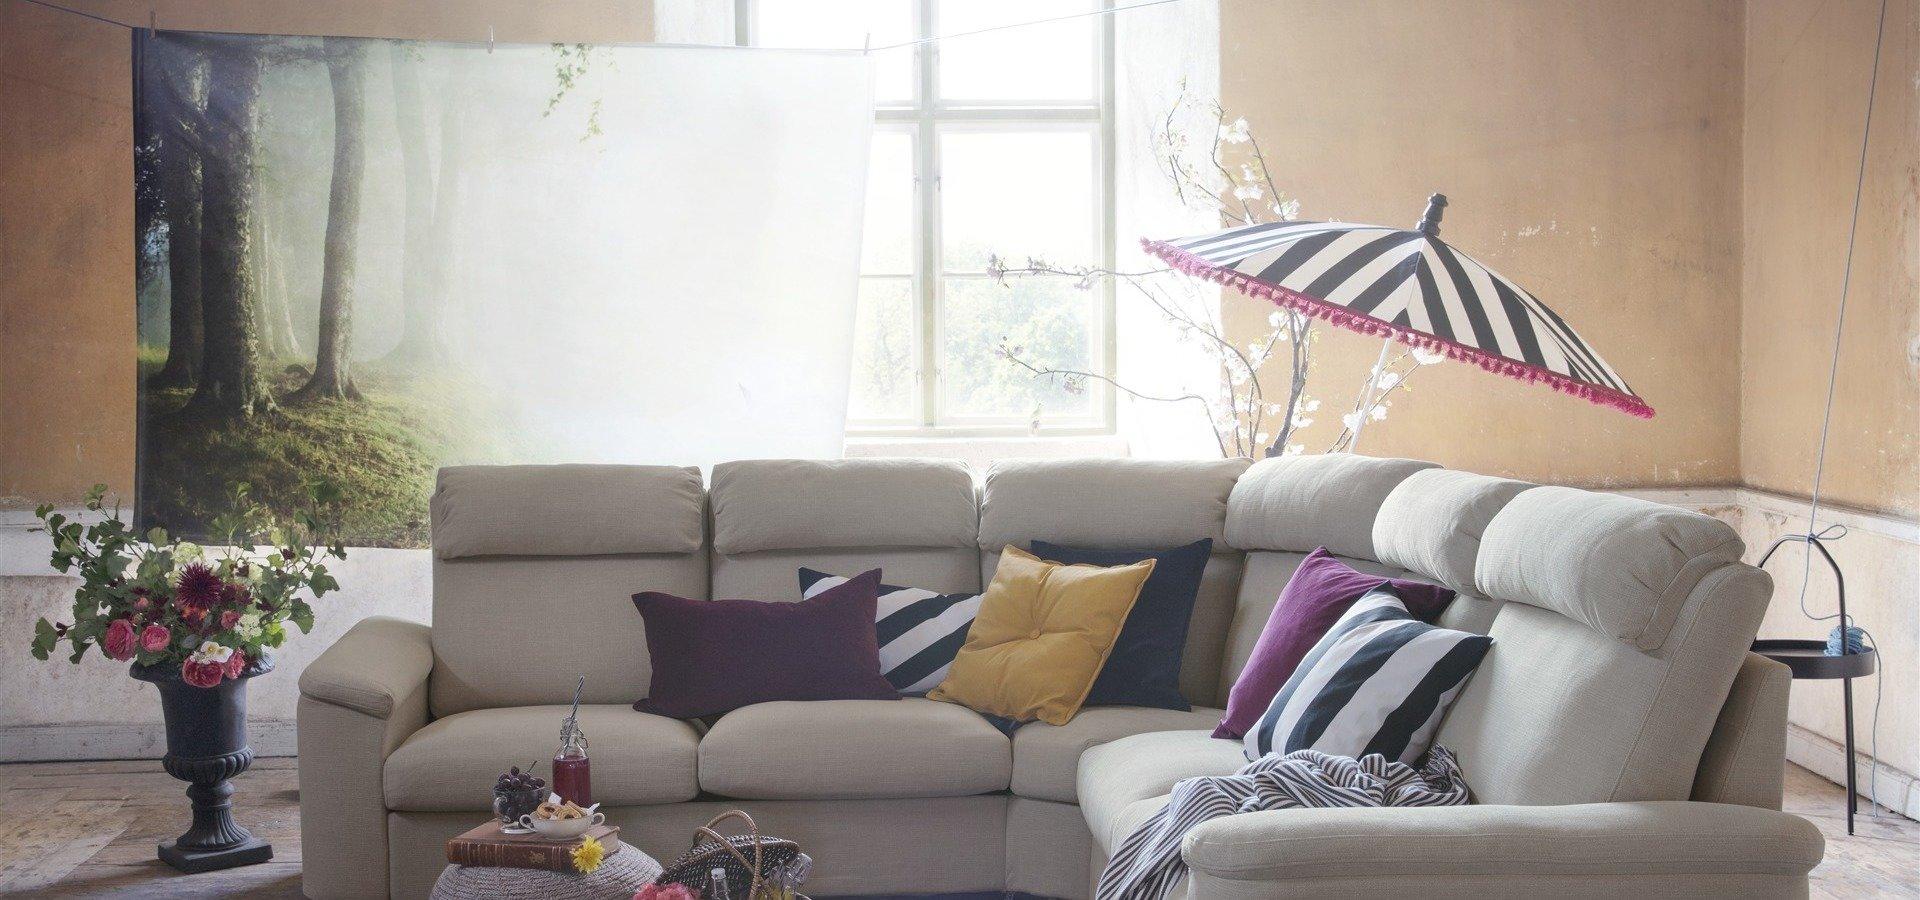 Październik w IKEA: będzie magicznie i przytulnie!